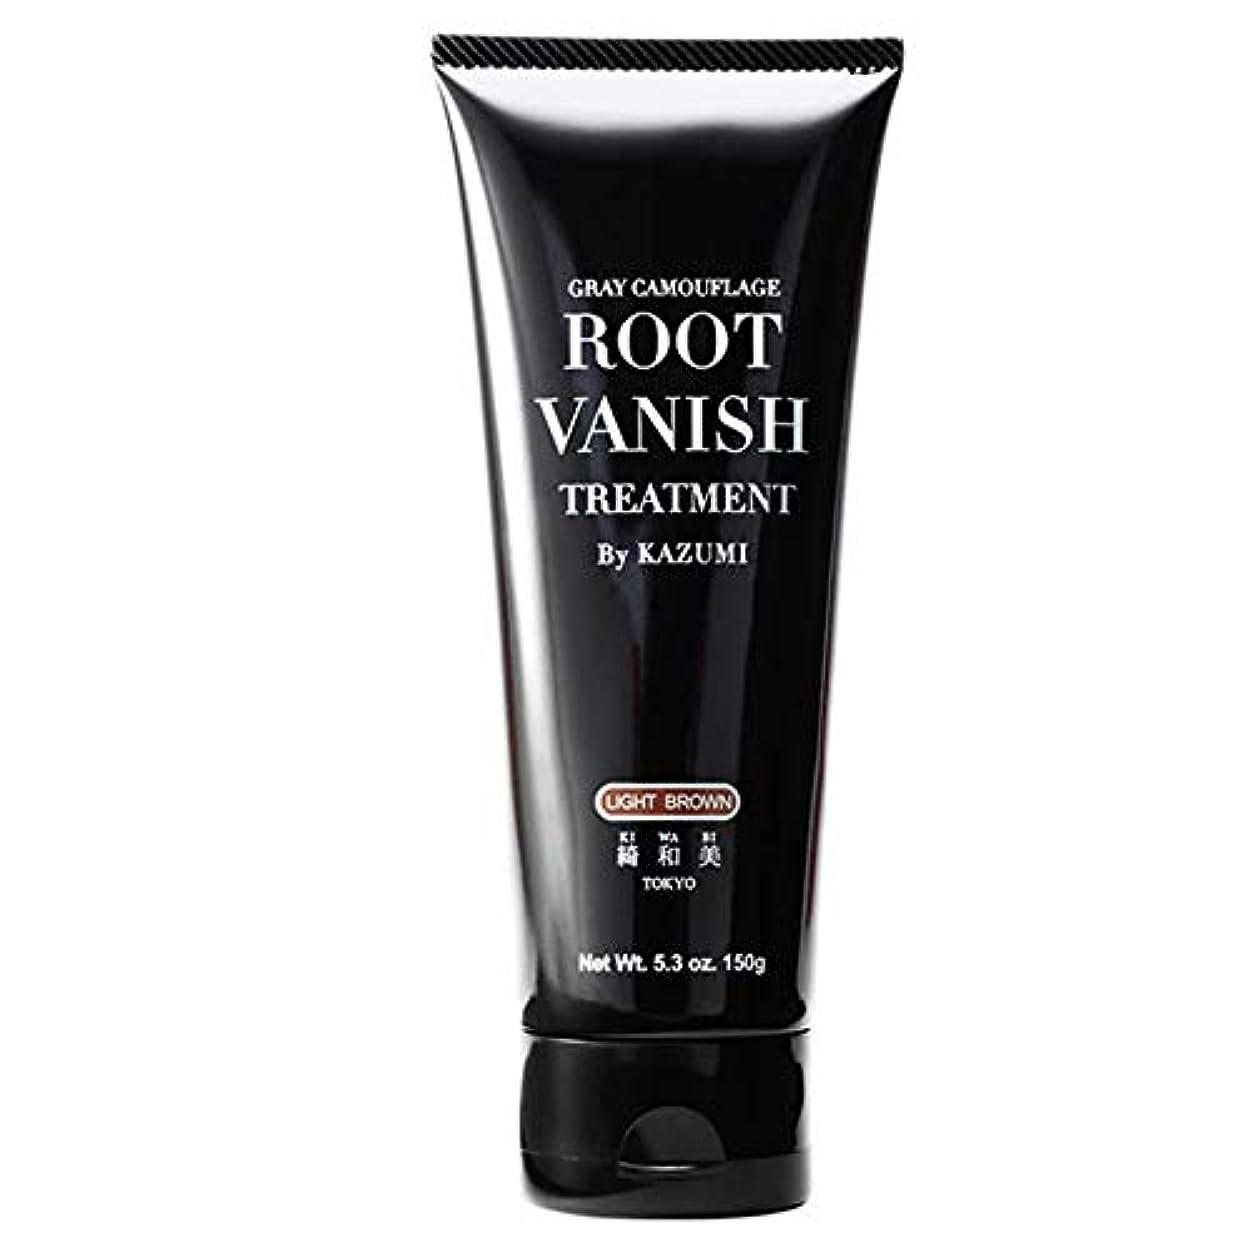 ポスター逮捕句Root Vanish 白髪染め (ライトブラウン) ヘアカラートリートメント 女性用 [100%天然成分 / 無添加22種類の植物エキス配合]